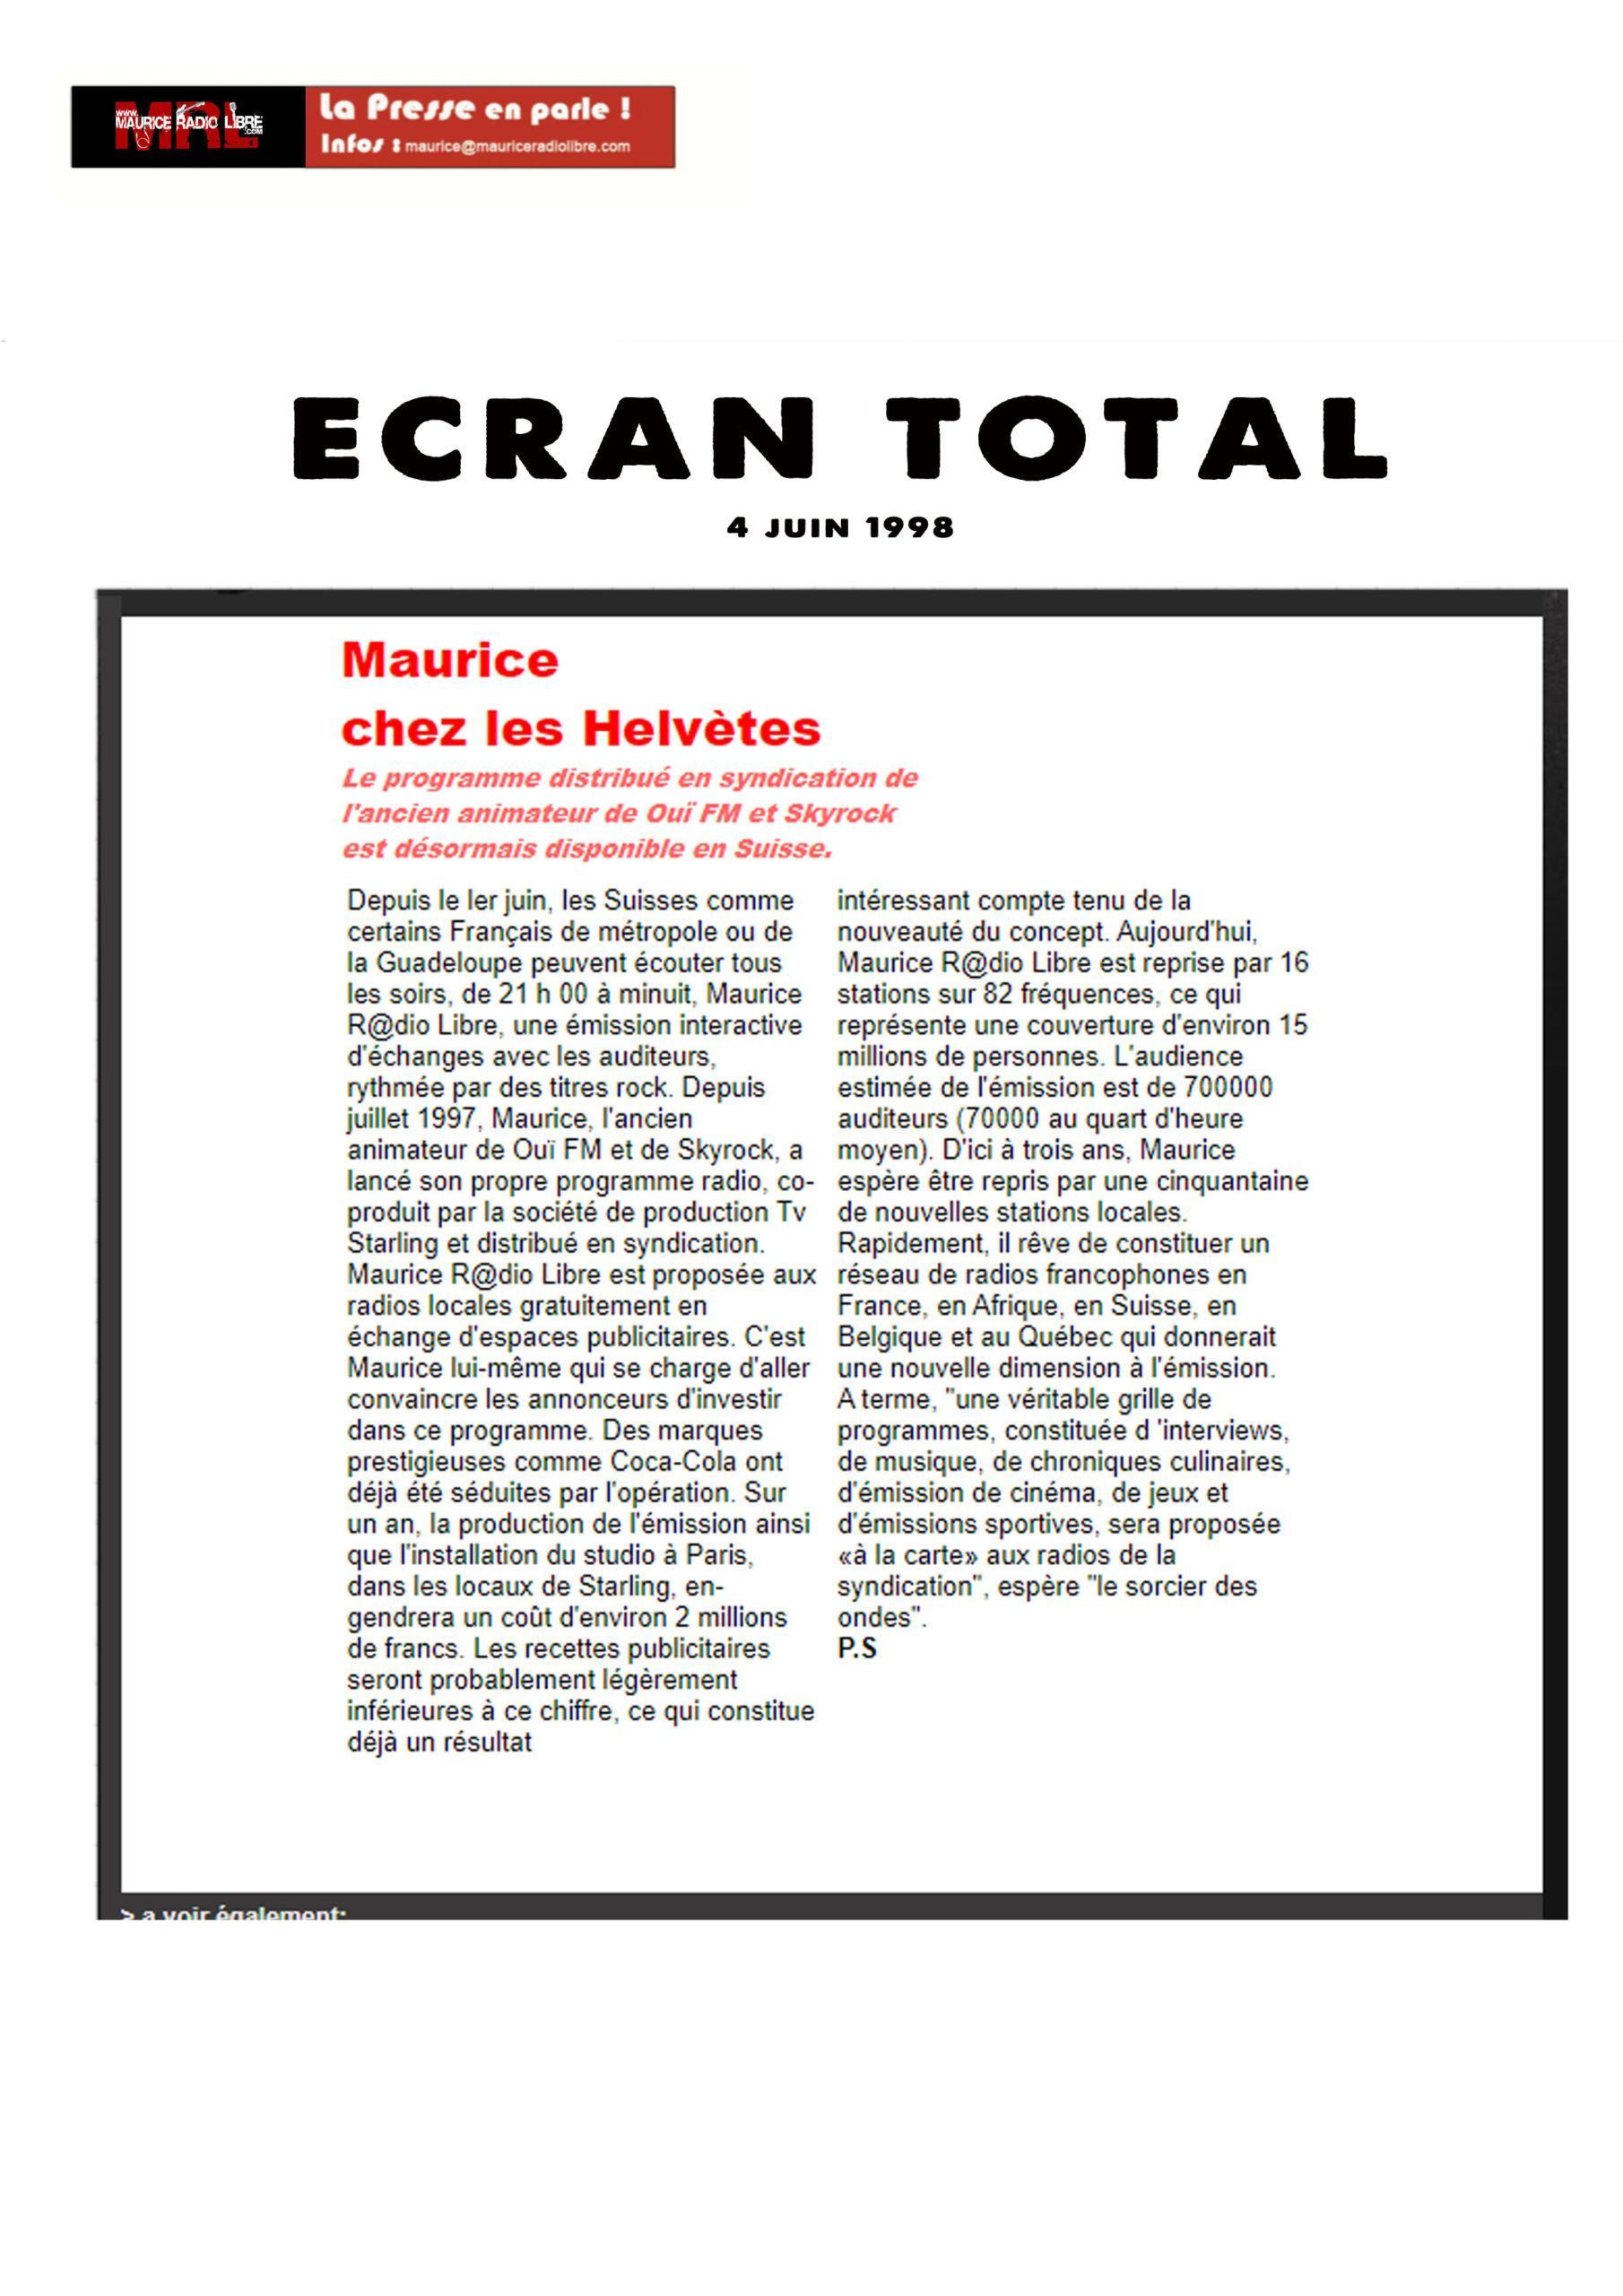 vignette Ecran Total Maurice chez les Helvètes - 04/06/1998